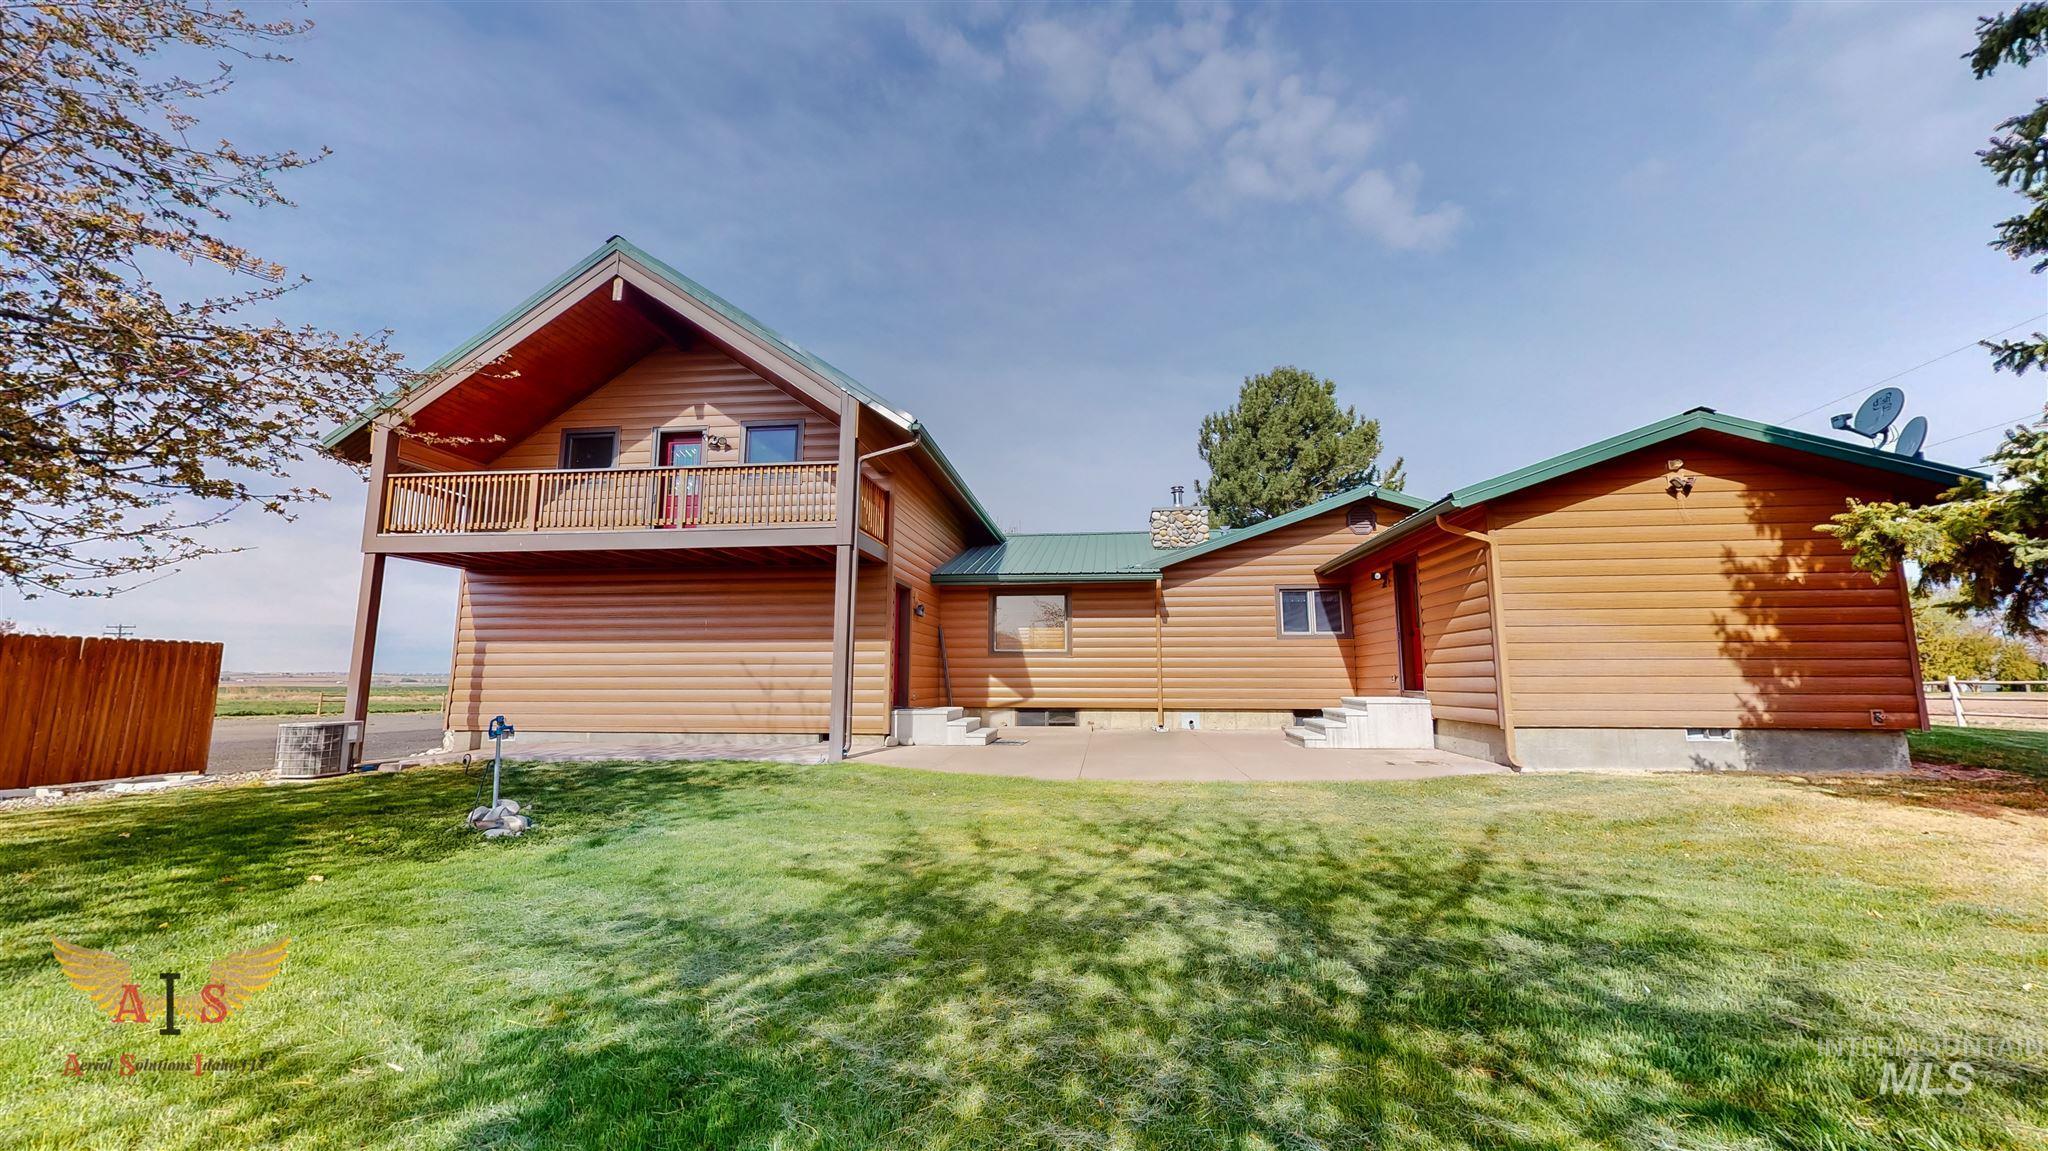 352 S 500 W Property Photo 18